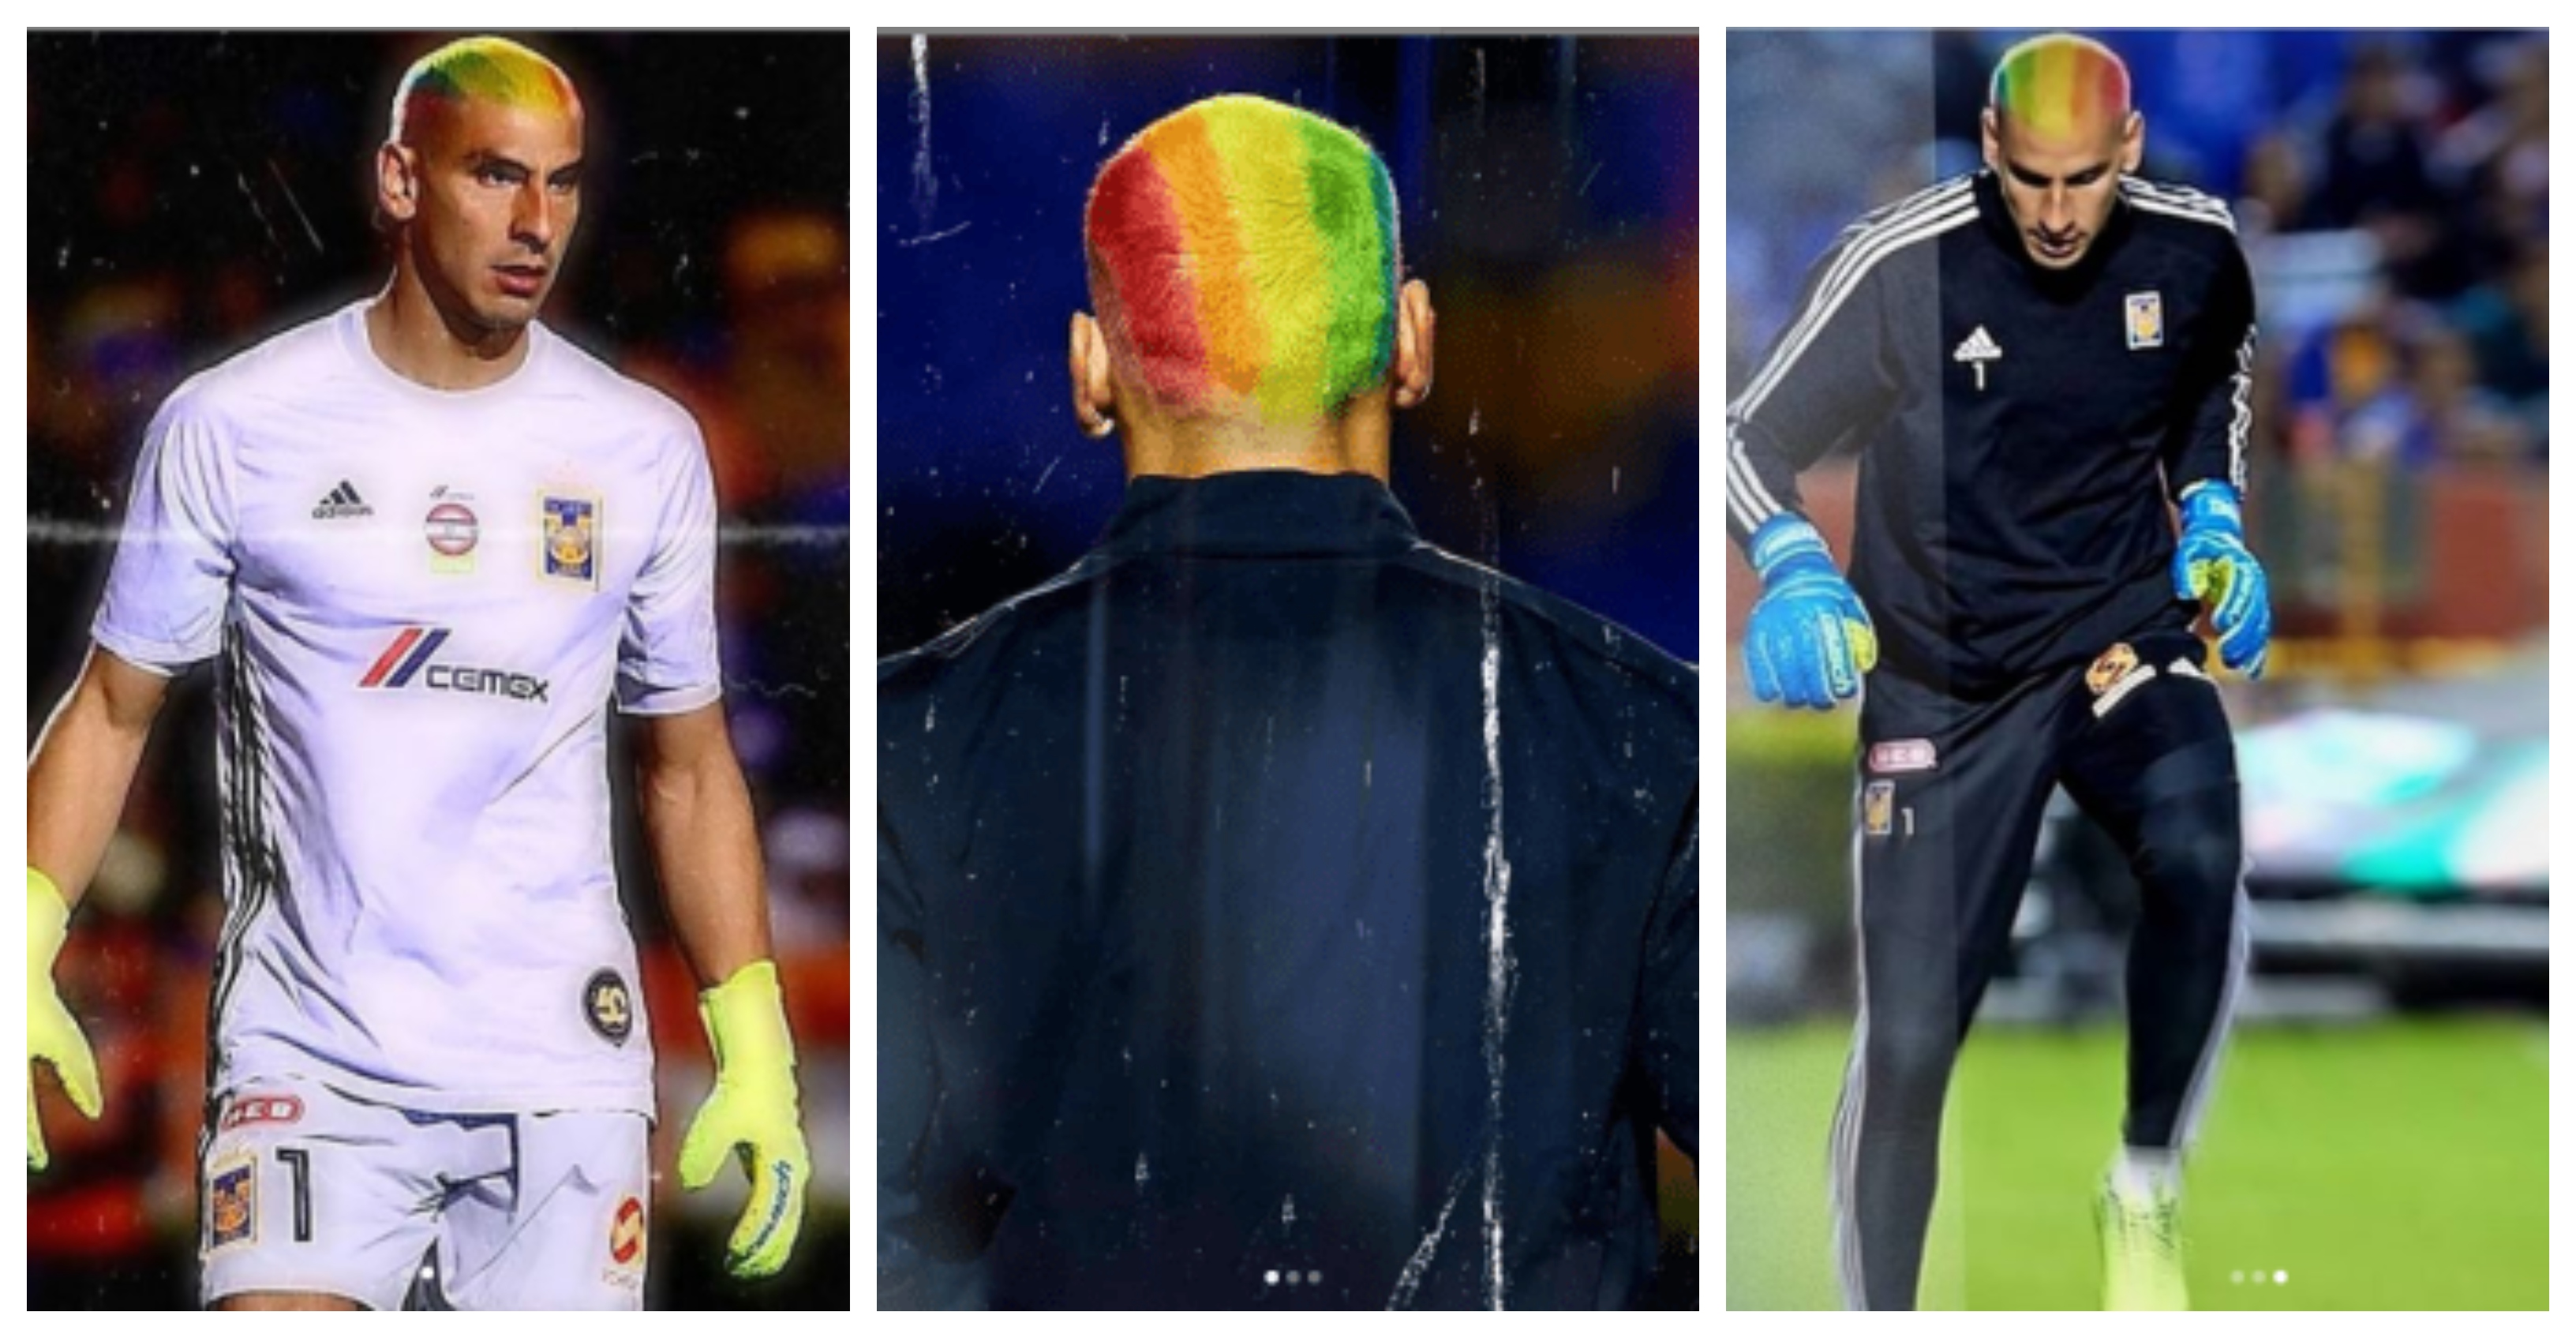 Rogério Tomaz: Goleiro da Argentina tinge cabelo com cores da bandeira do movimento LGBT